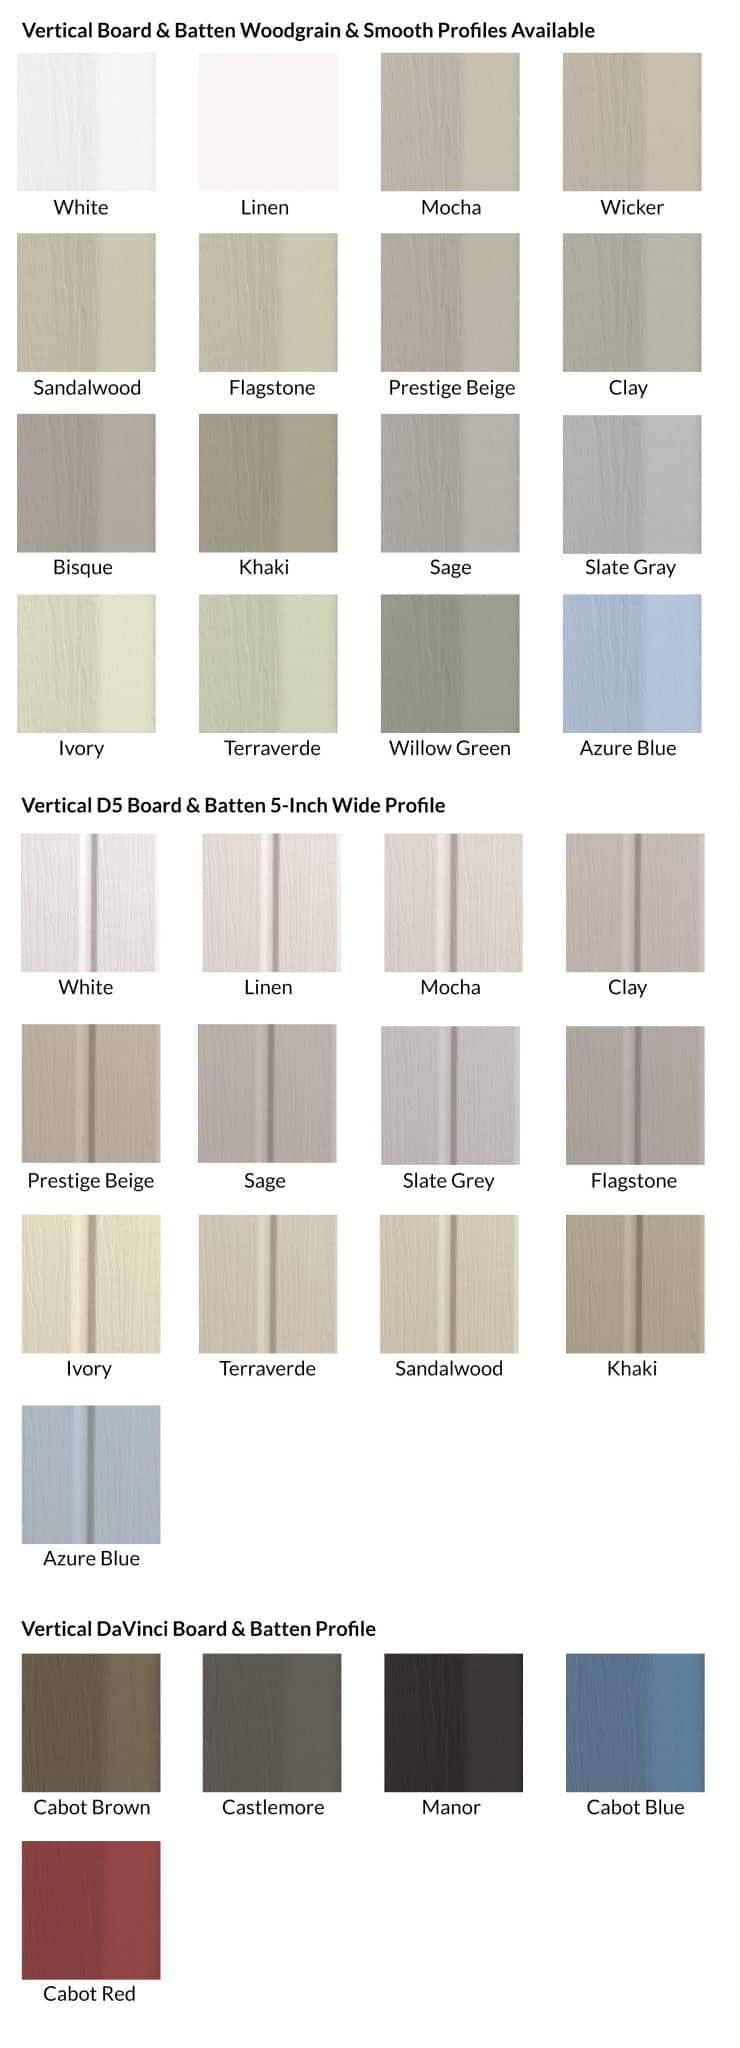 Vertical Board & Batten Siding Company London